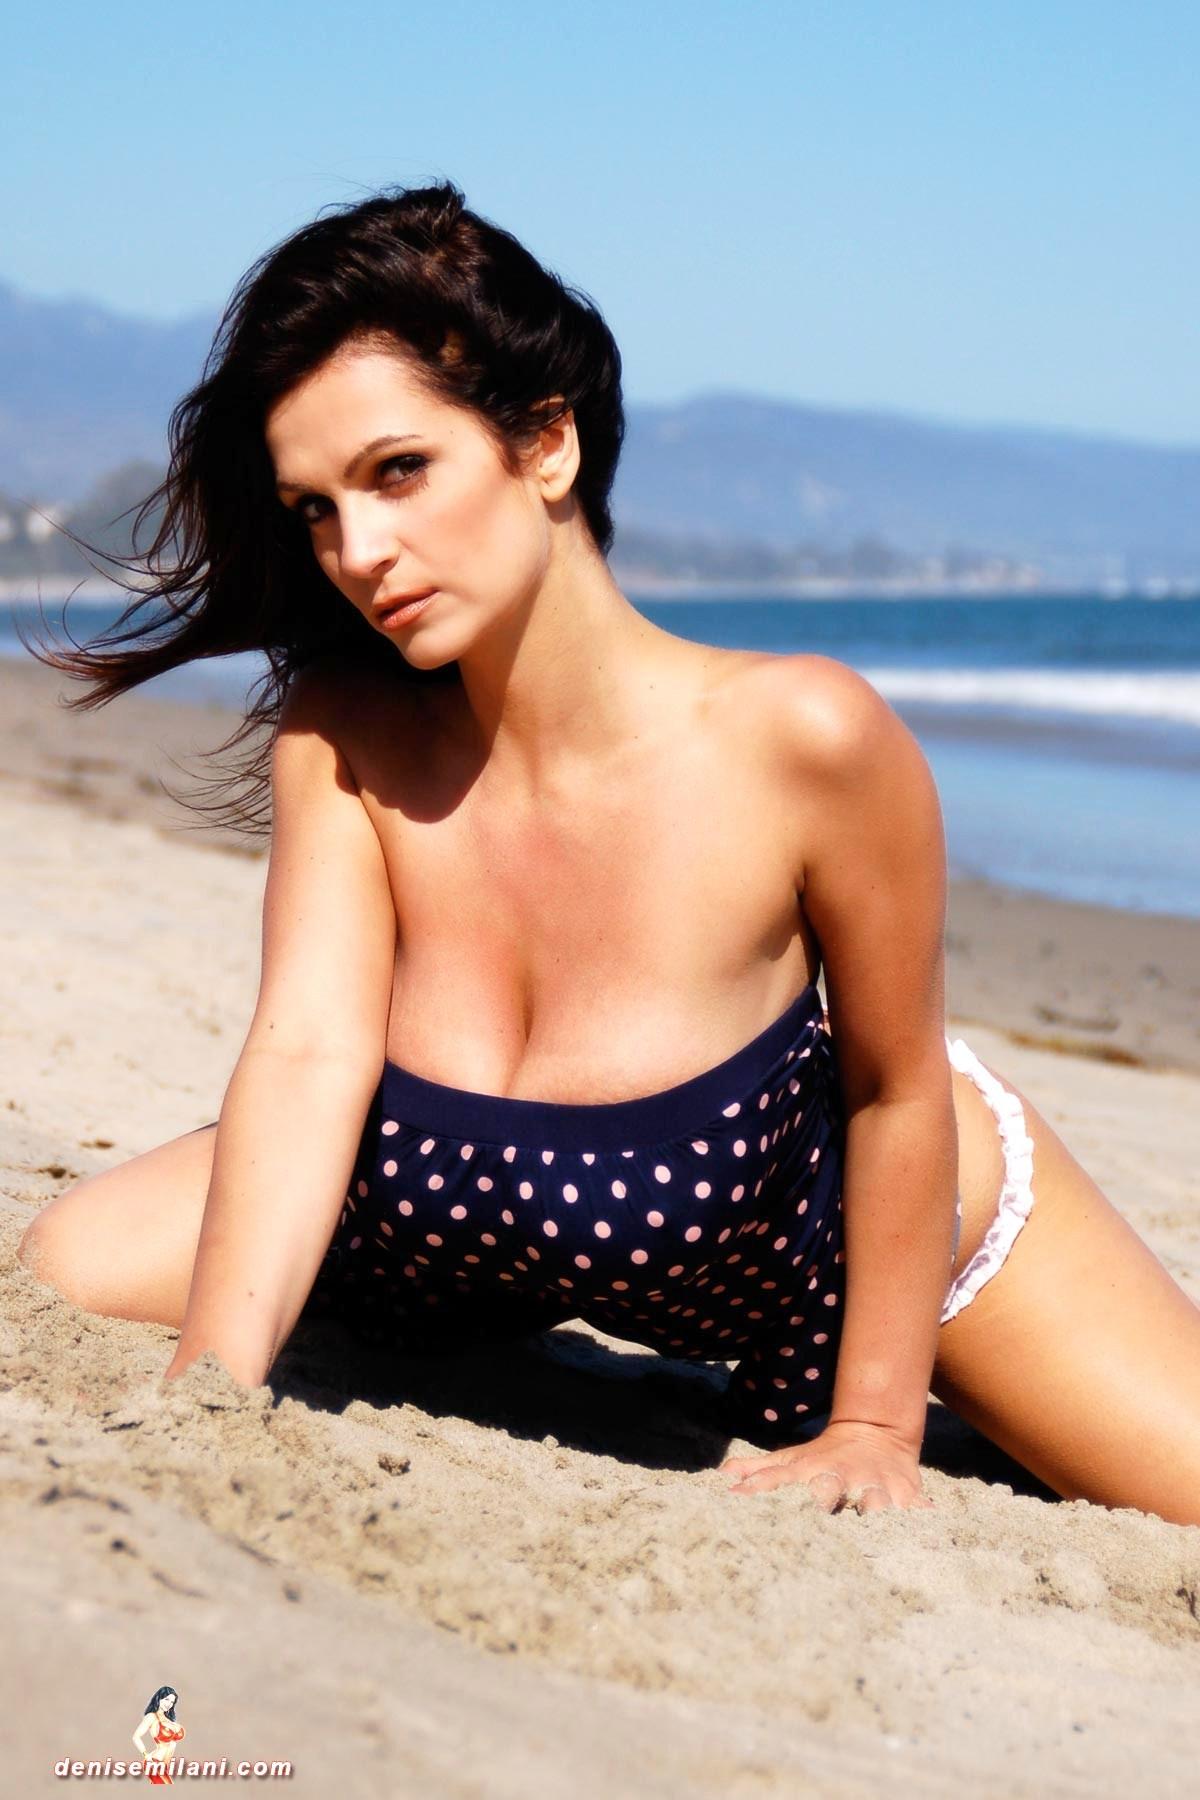 big boobs african girls big natural breasts.com huge huge huge tits free ebony sexy pics